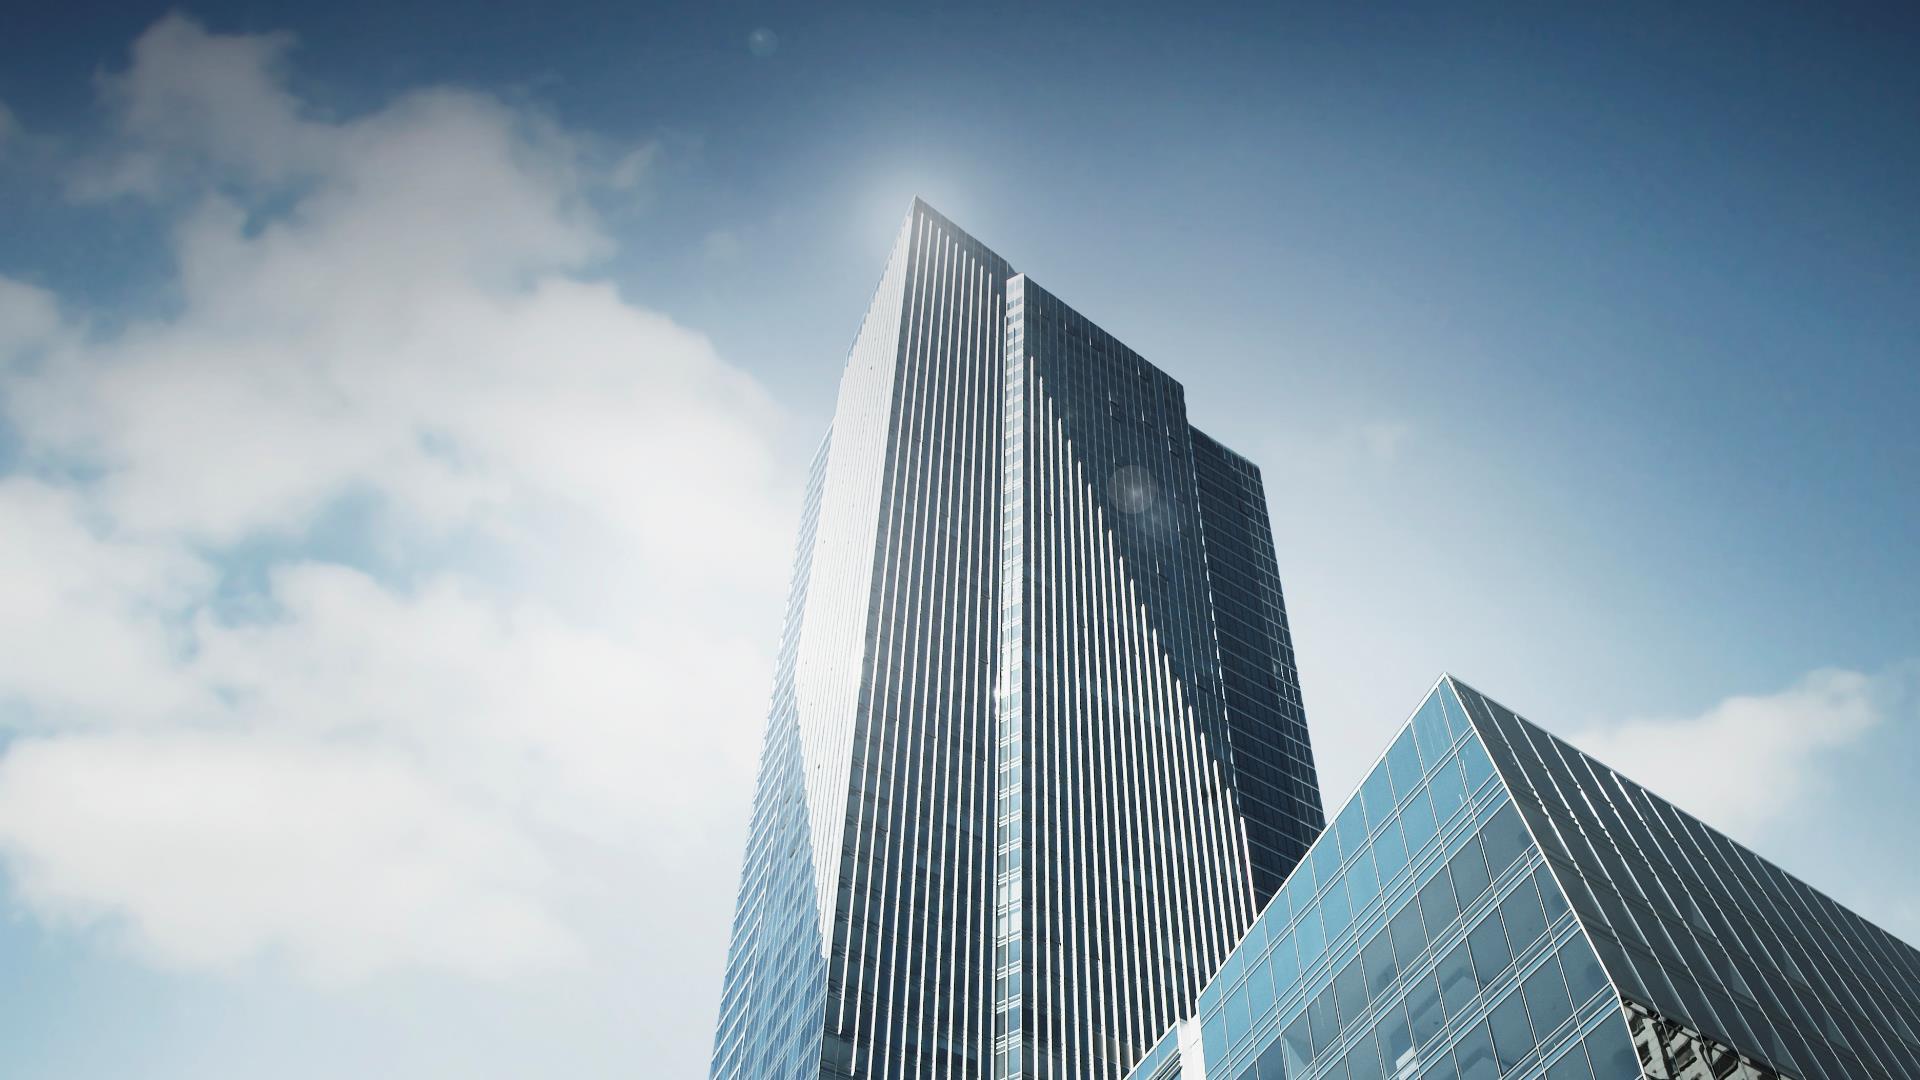 La torre residencial más alta de San Francisco se está hundiendo e inclinando